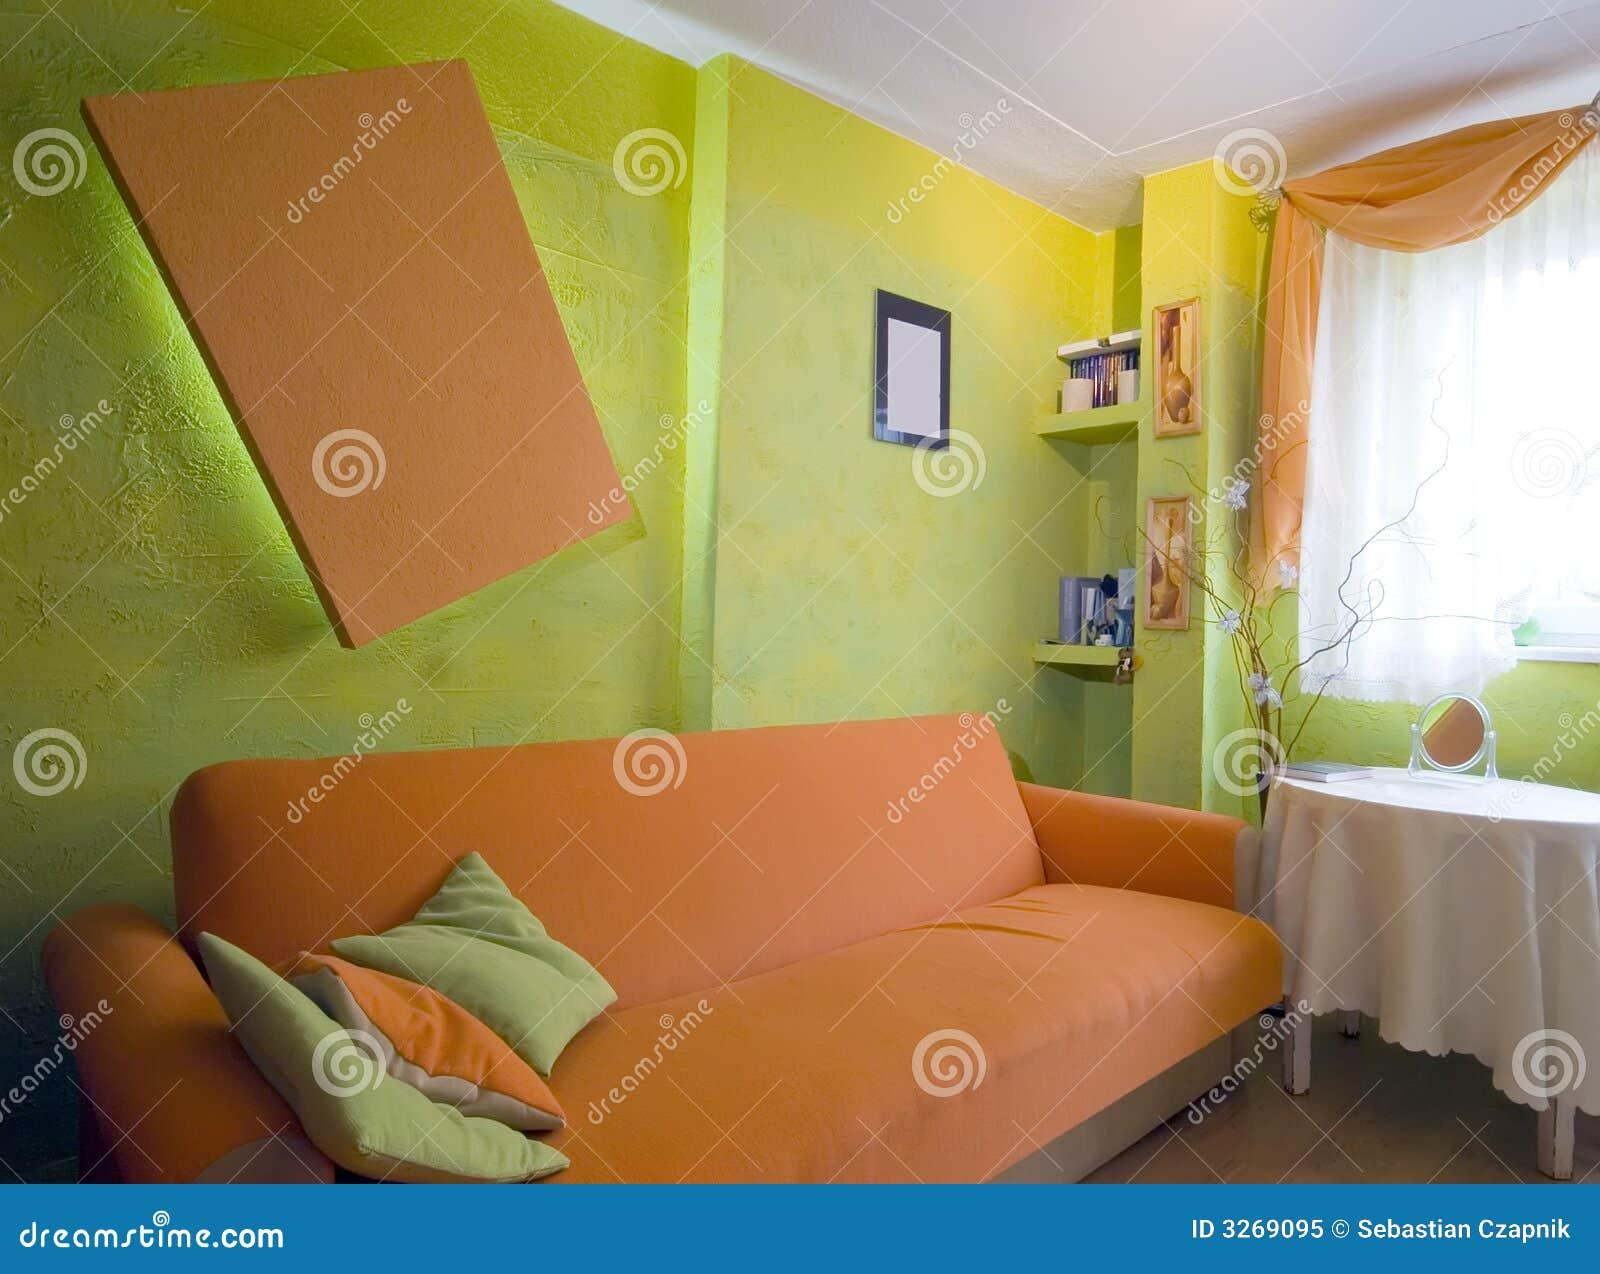 Oranje Slaapkamer Royalty-vrije Stock Foto - Afbeelding: 3269095